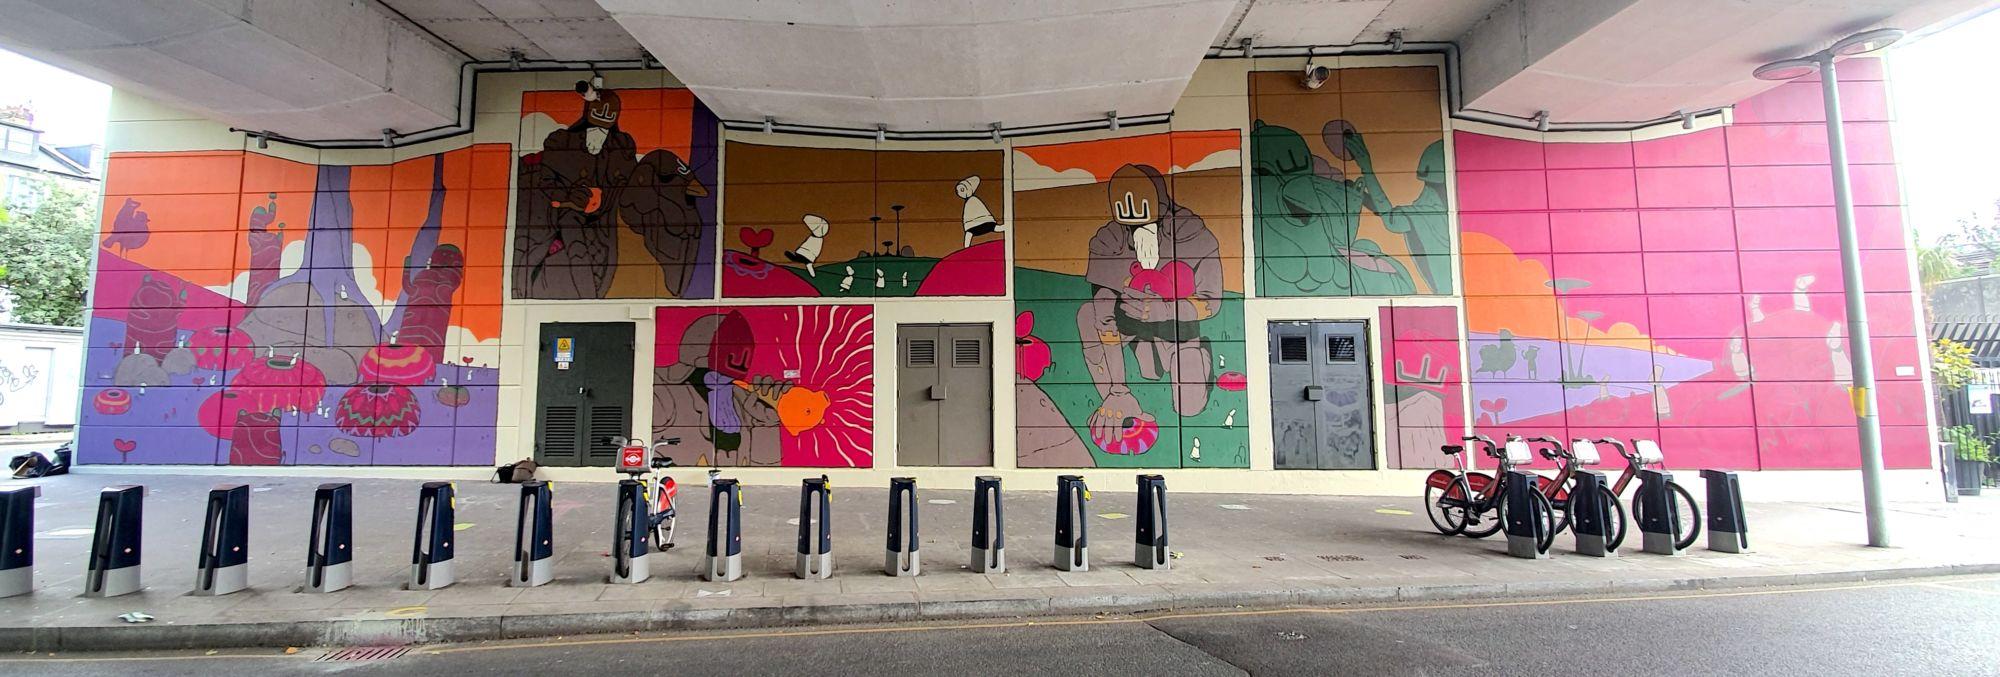 Mehdi Annassi's mural in North Kensington